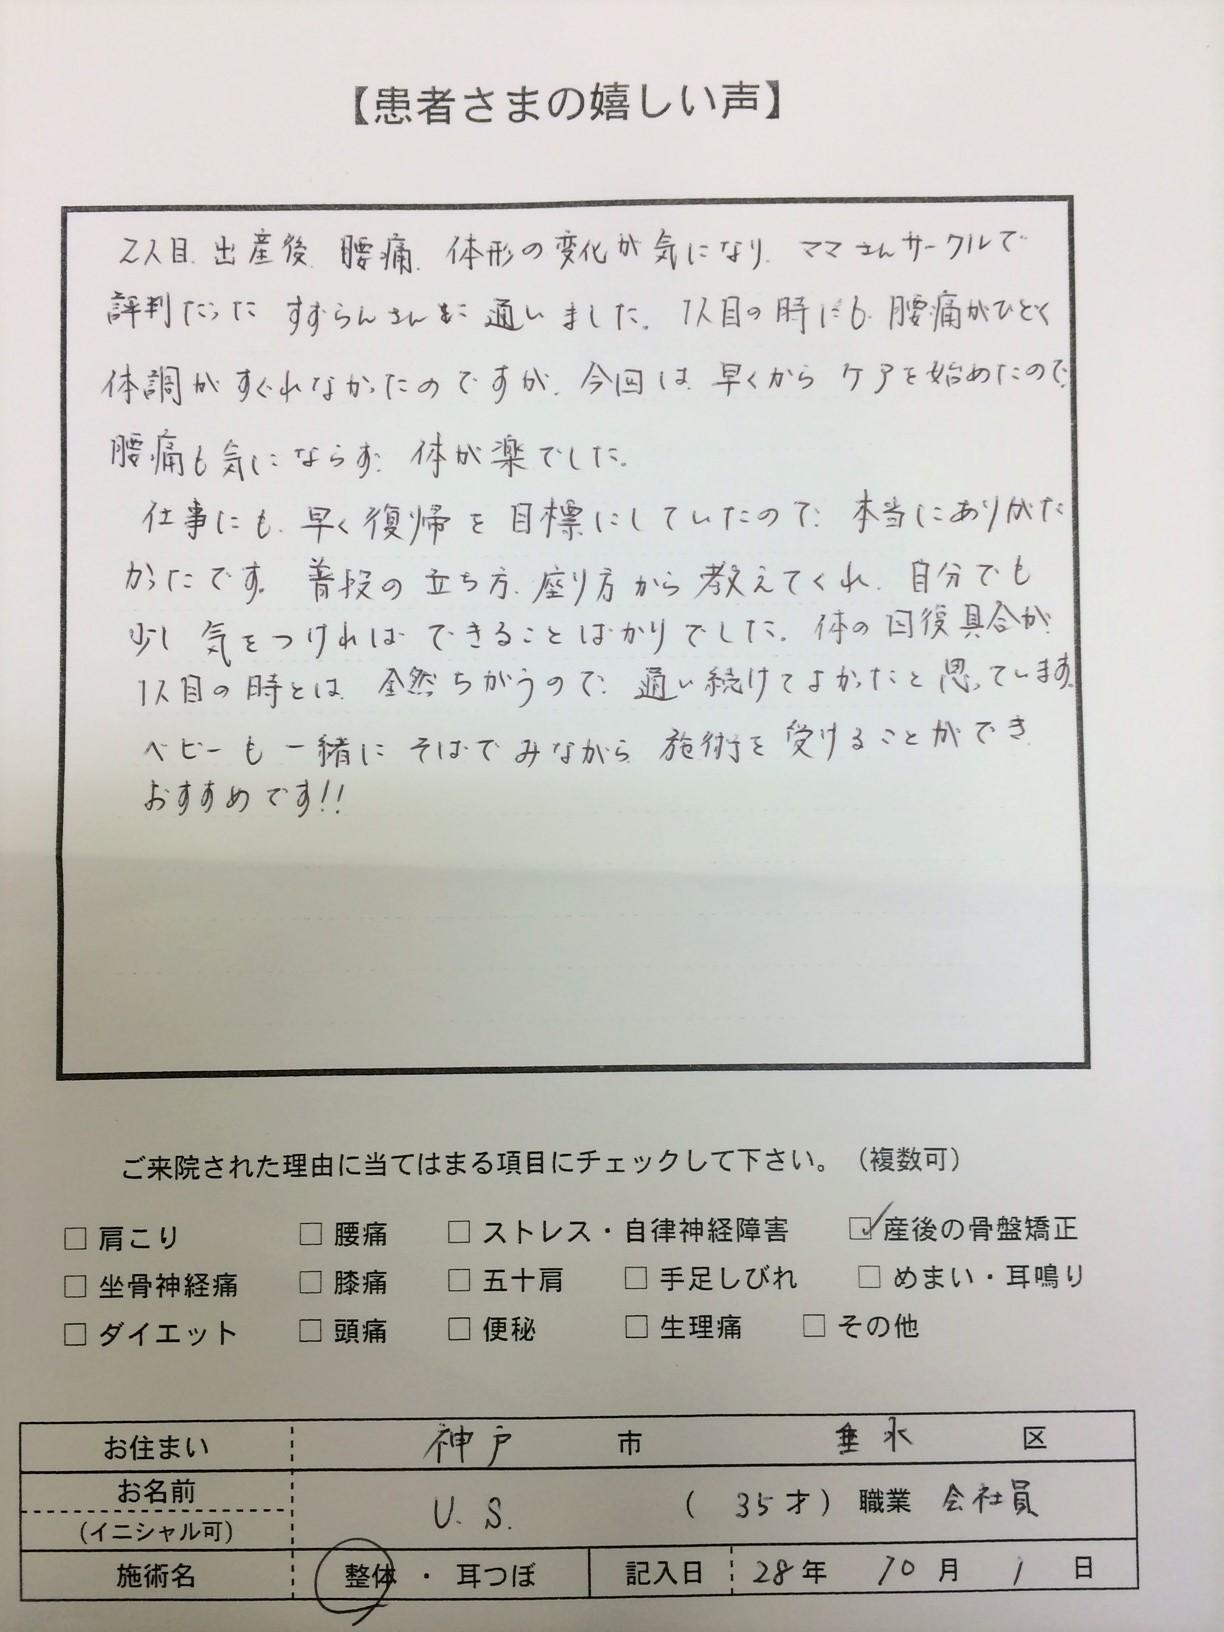 ③神戸市 垂水区 U.S様 35才 会社員.jpg